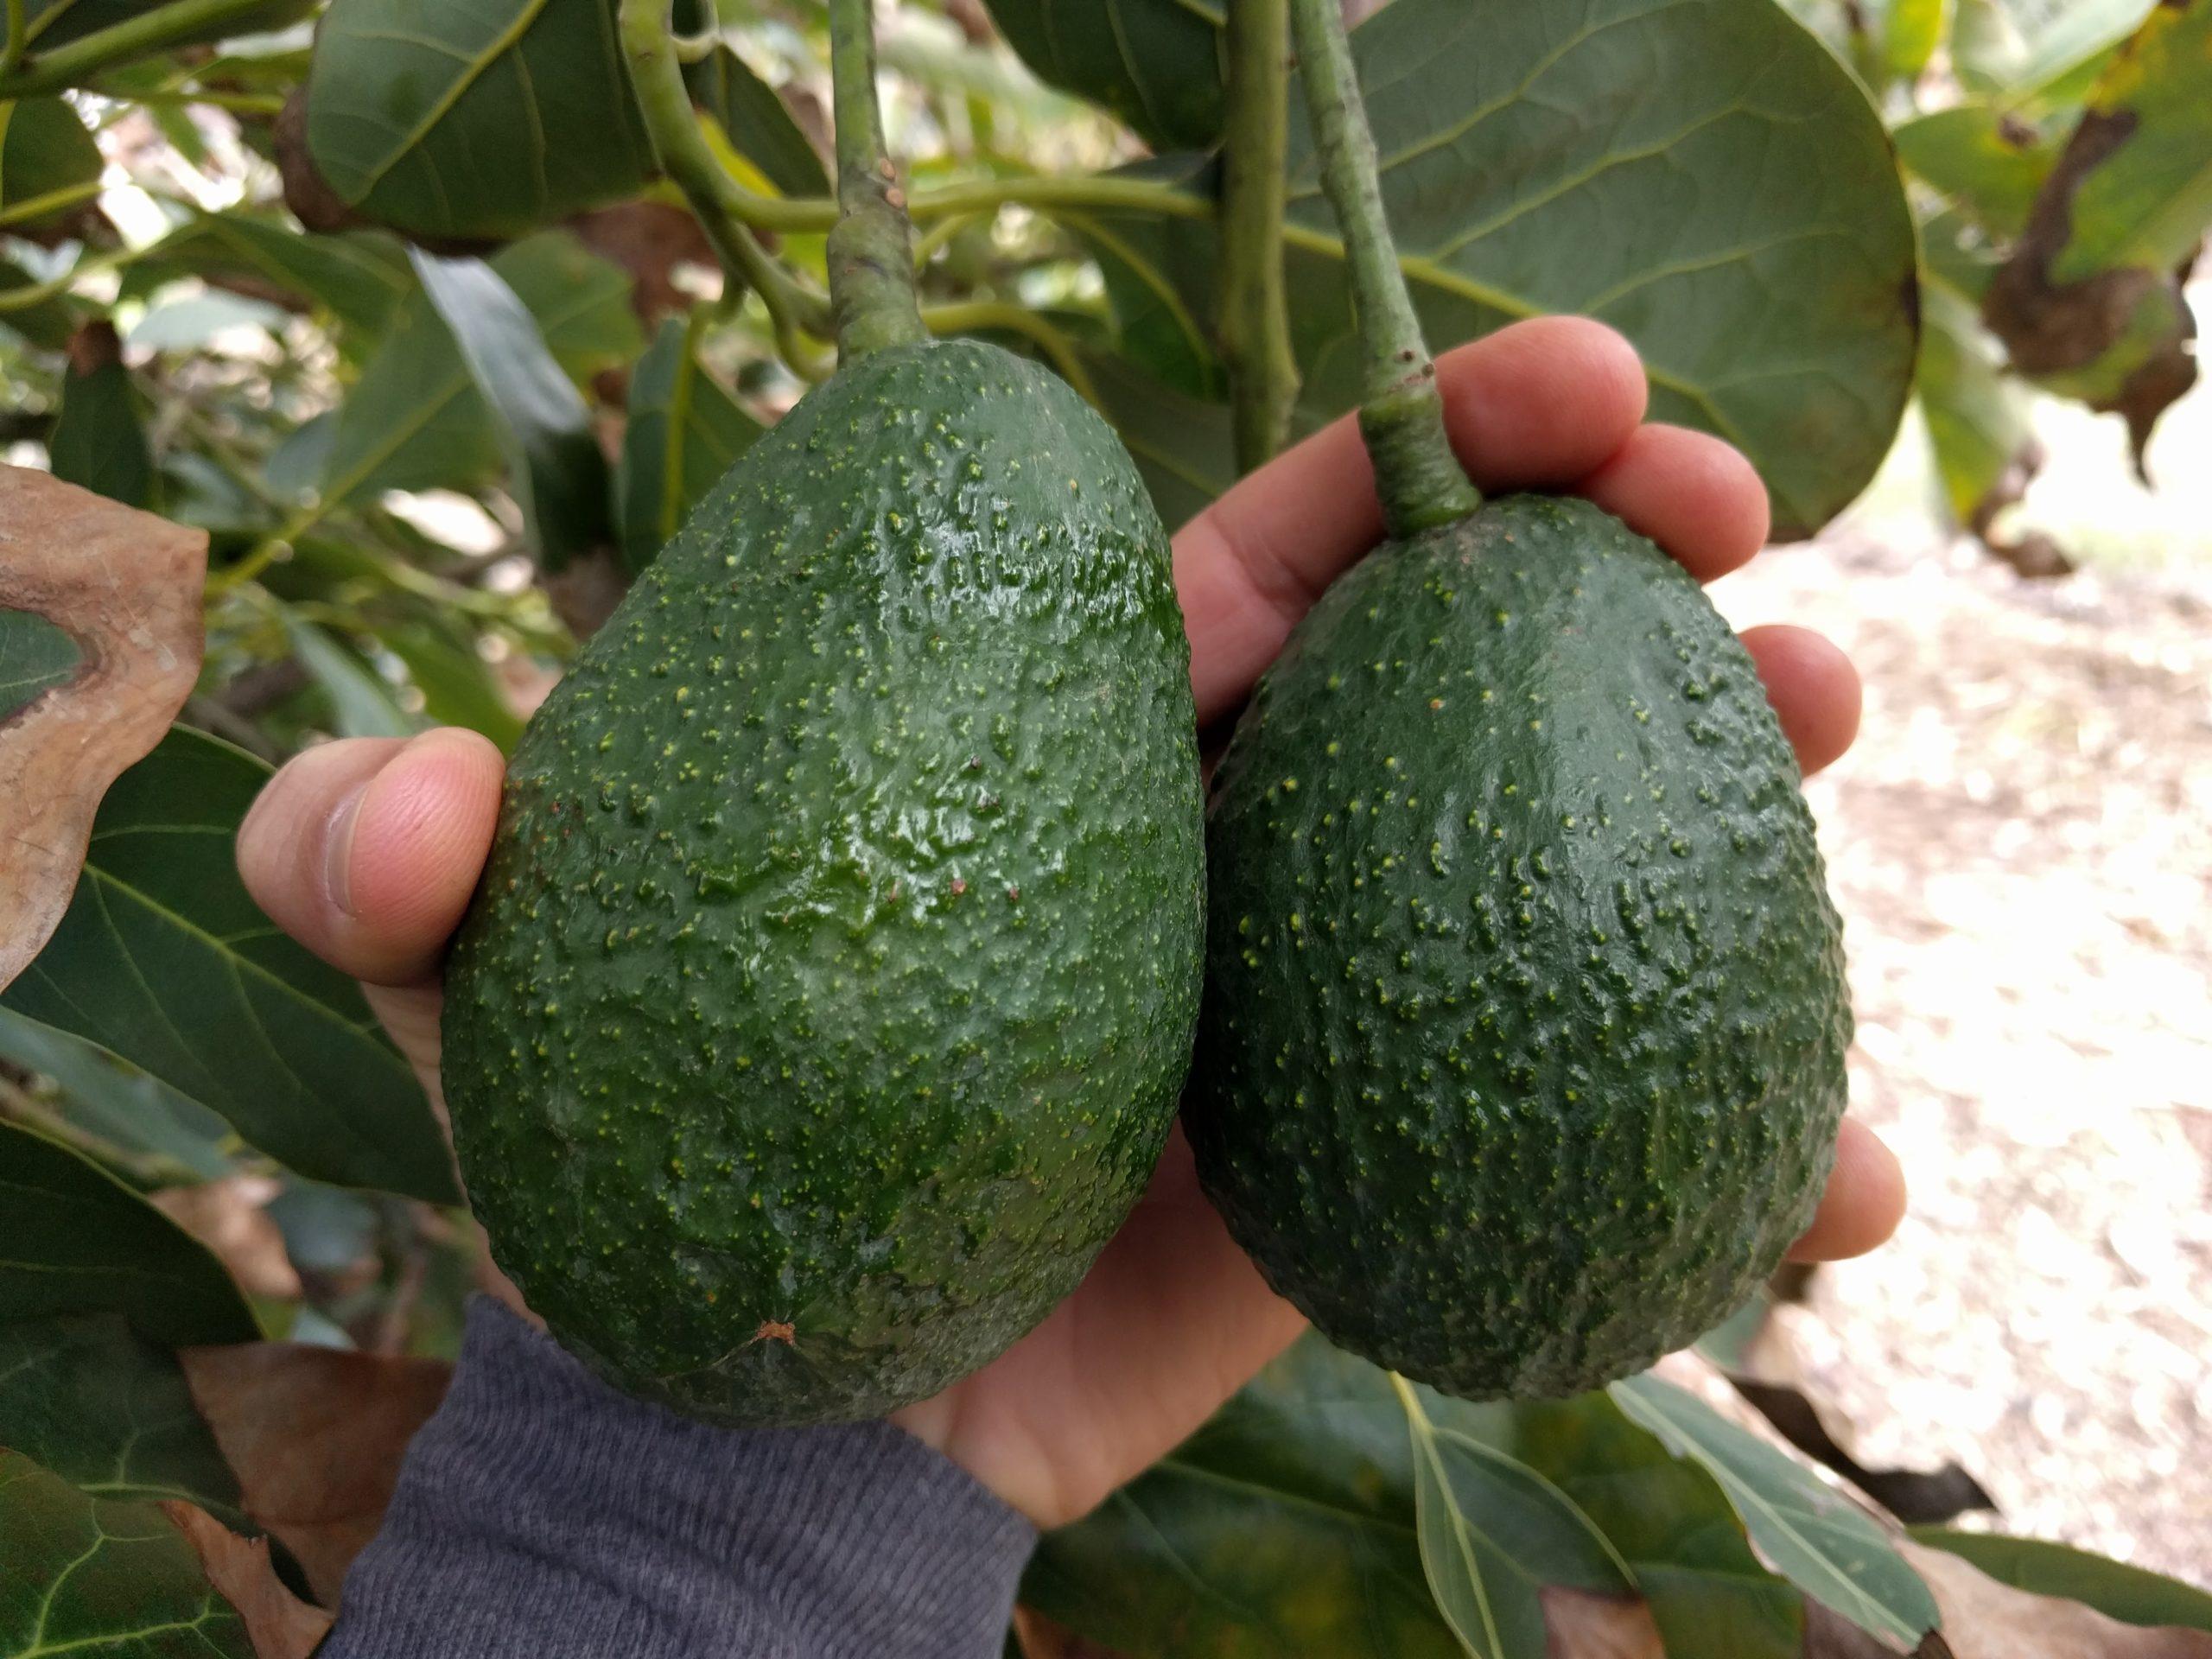 Harvest the Avocado